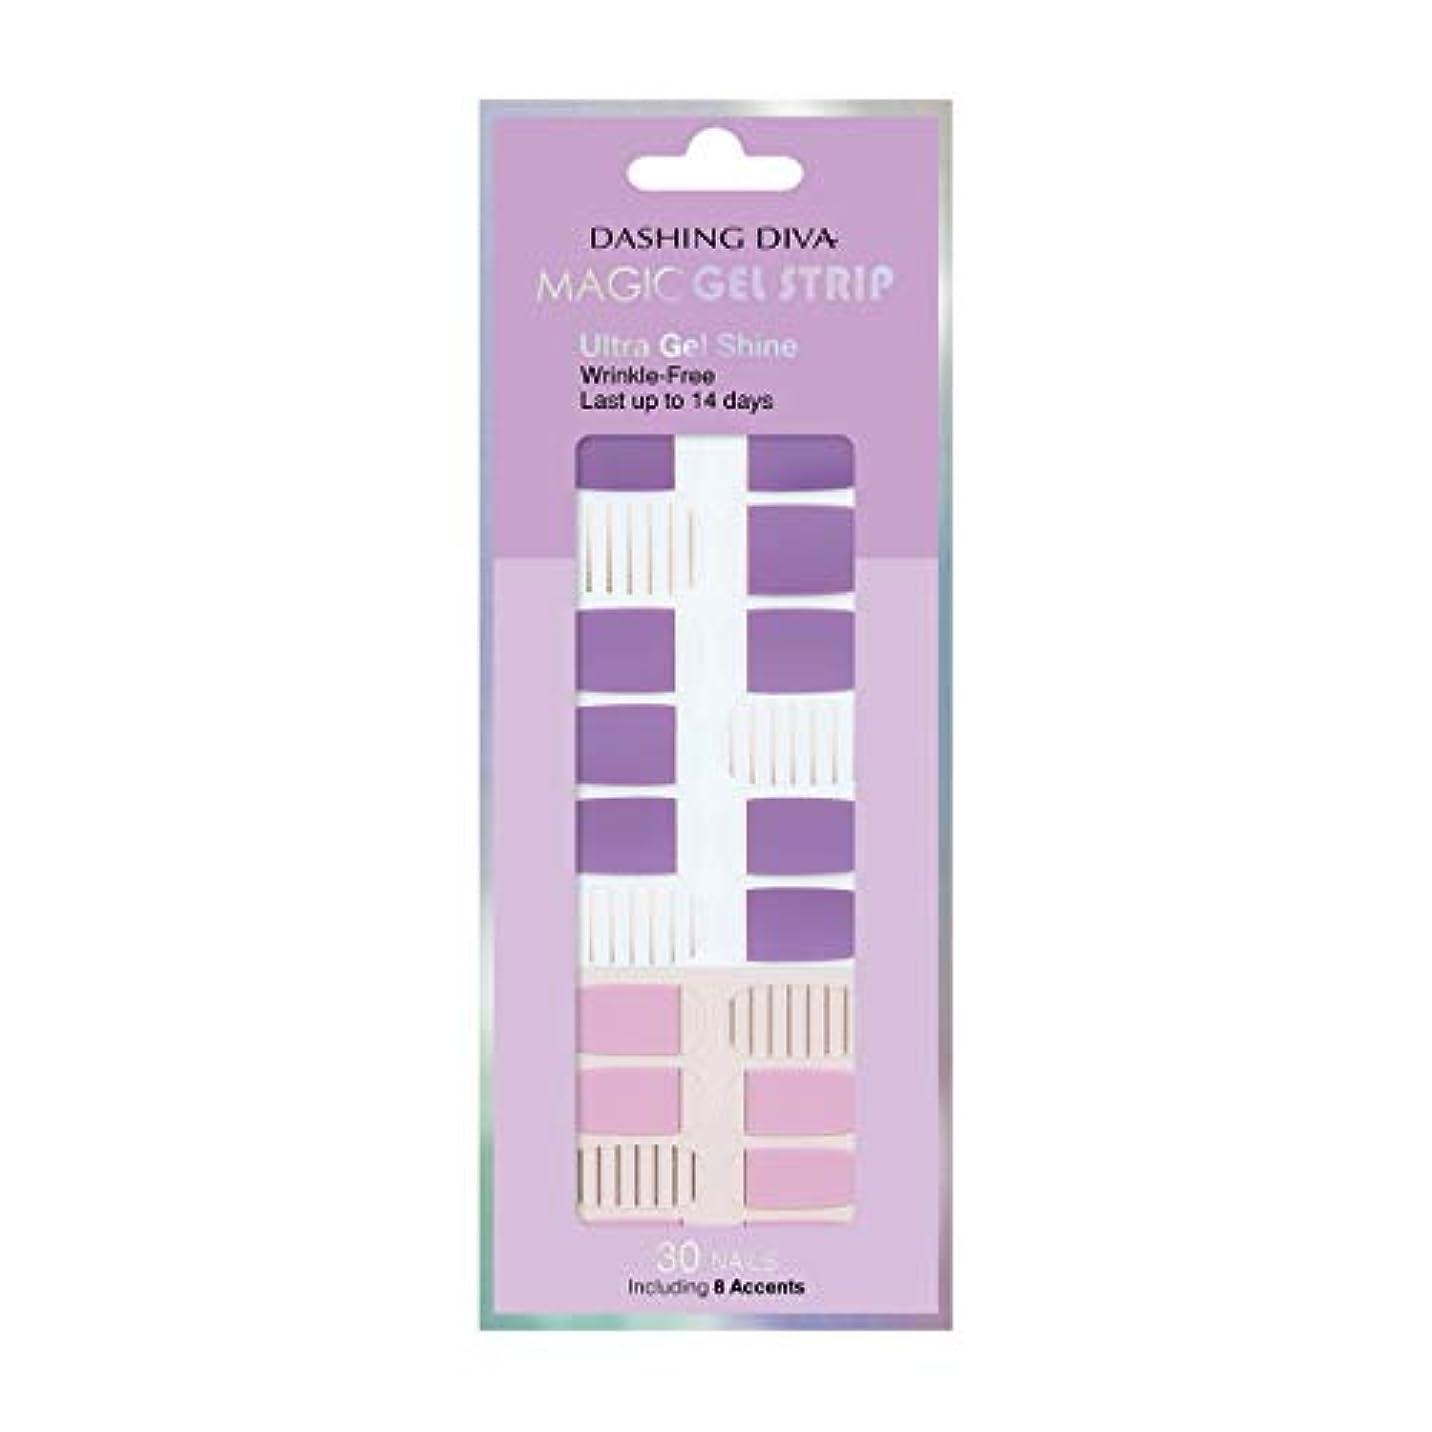 決定薄い薬を飲むダッシングディバ マジックジェルストリップ DASHING DIVA Magic Gel Strip DGST83-DURY+ オリジナルジェル ネイルシール Purple Stripe